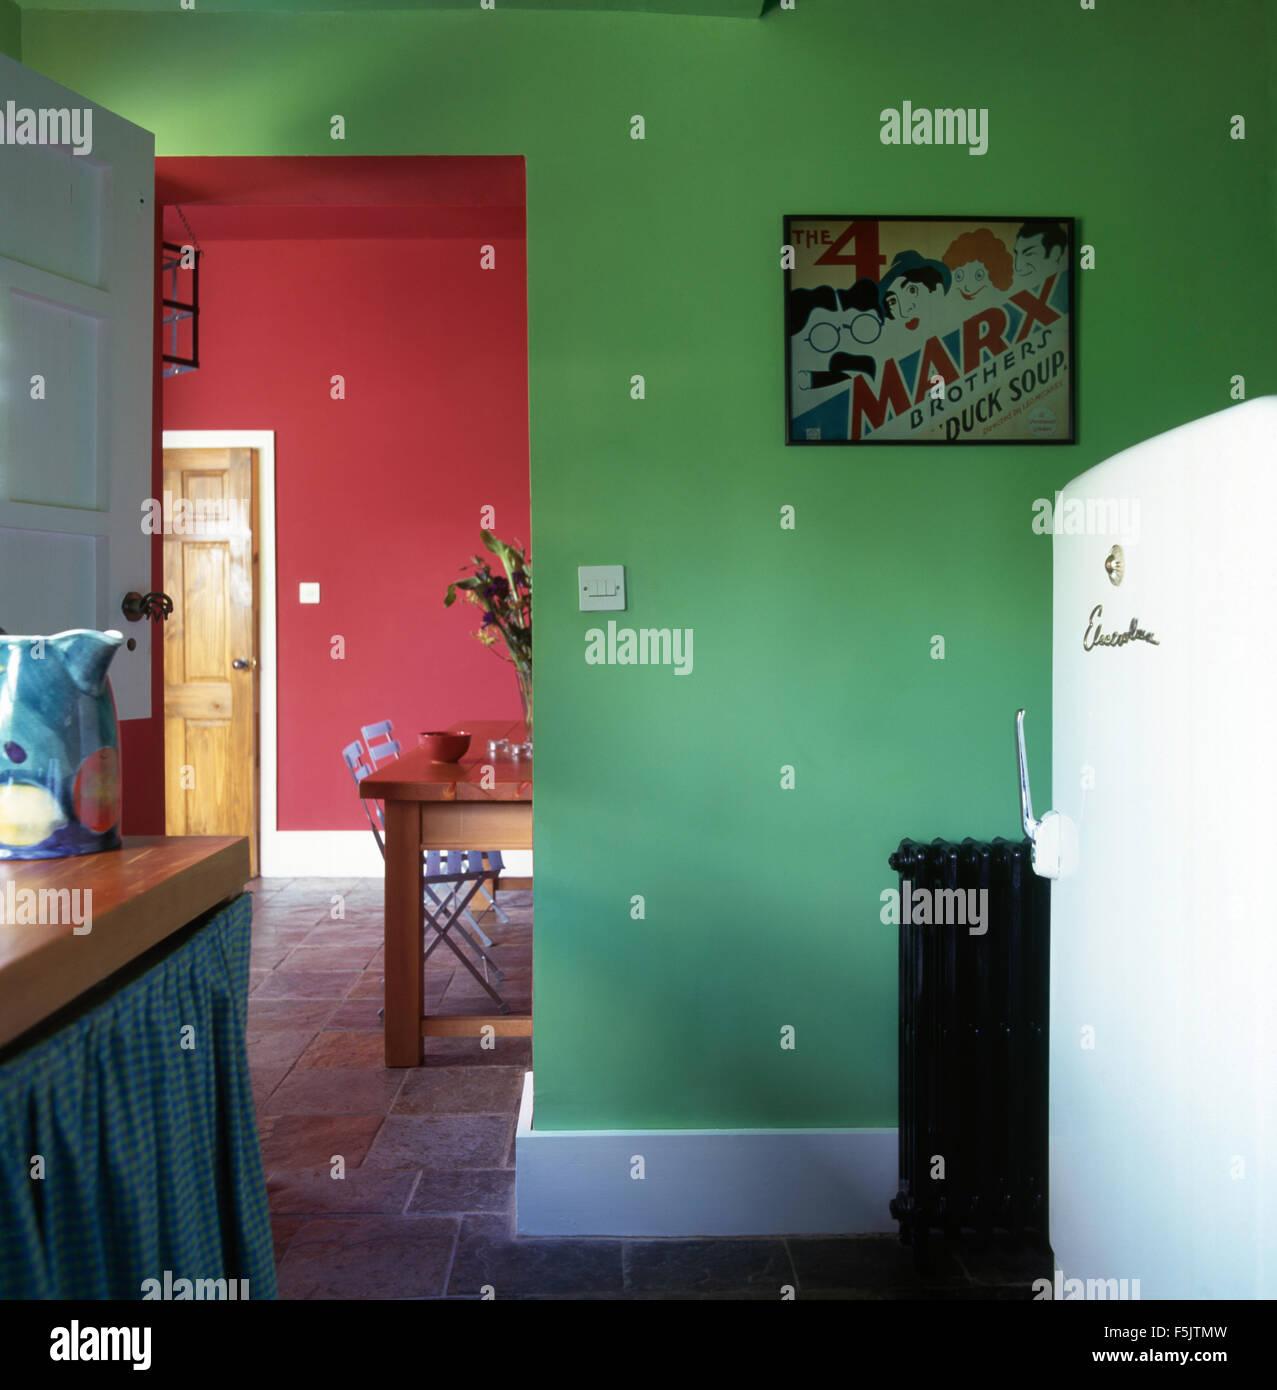 Großer Kühlschrank in einem hellen Grün Küche mit Tür zu einem roten ...